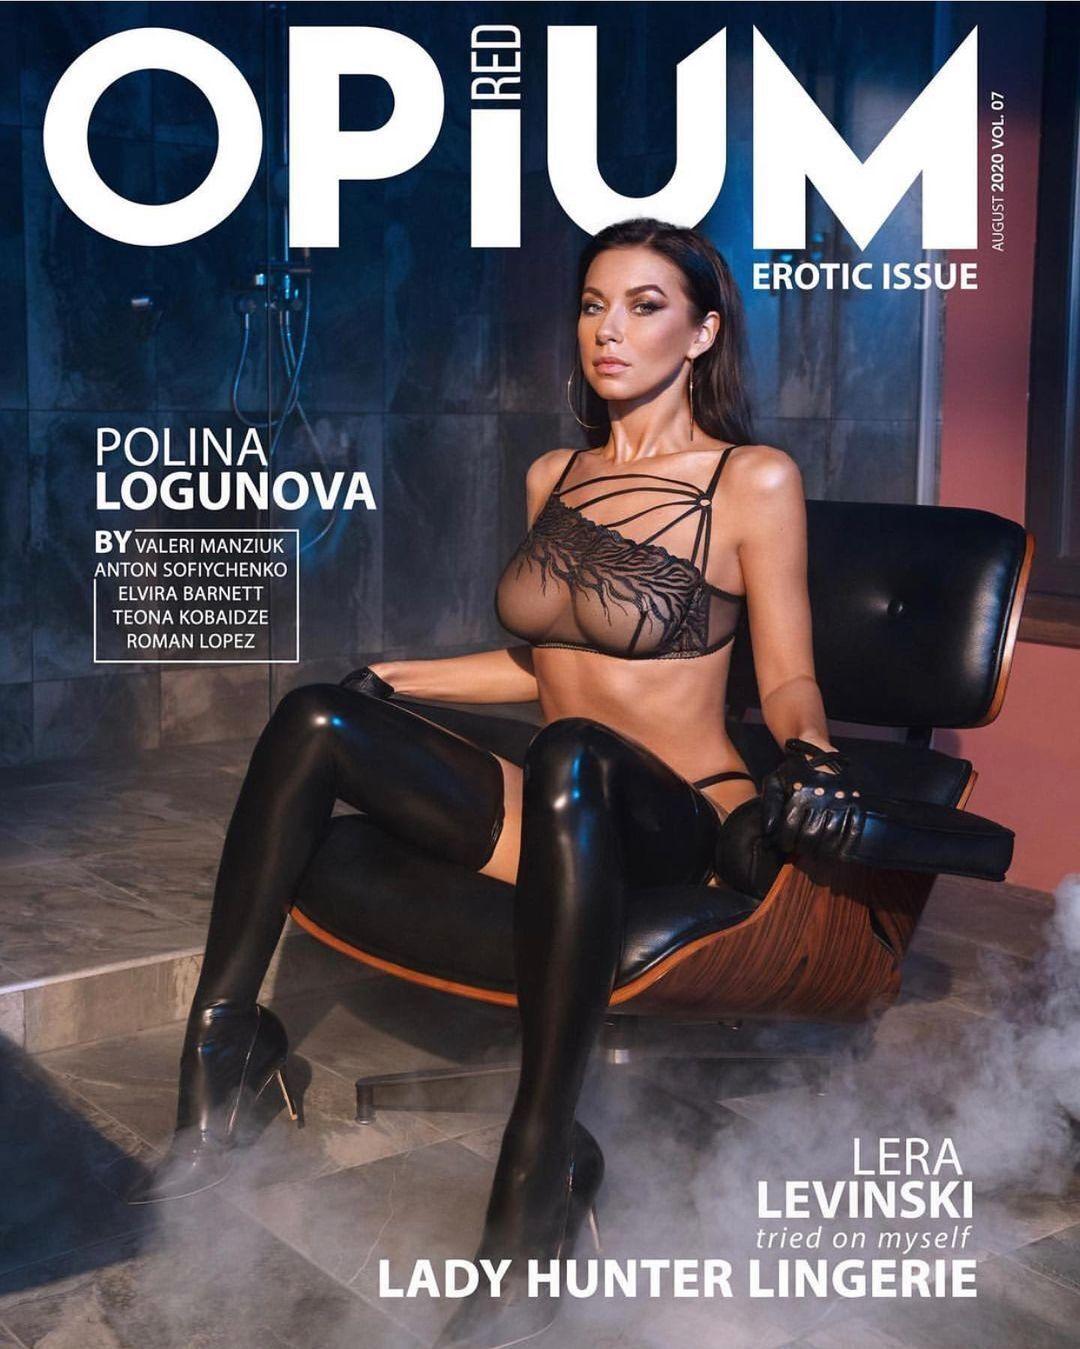 Поліна Логунова на обкладинці журналу Opium Red